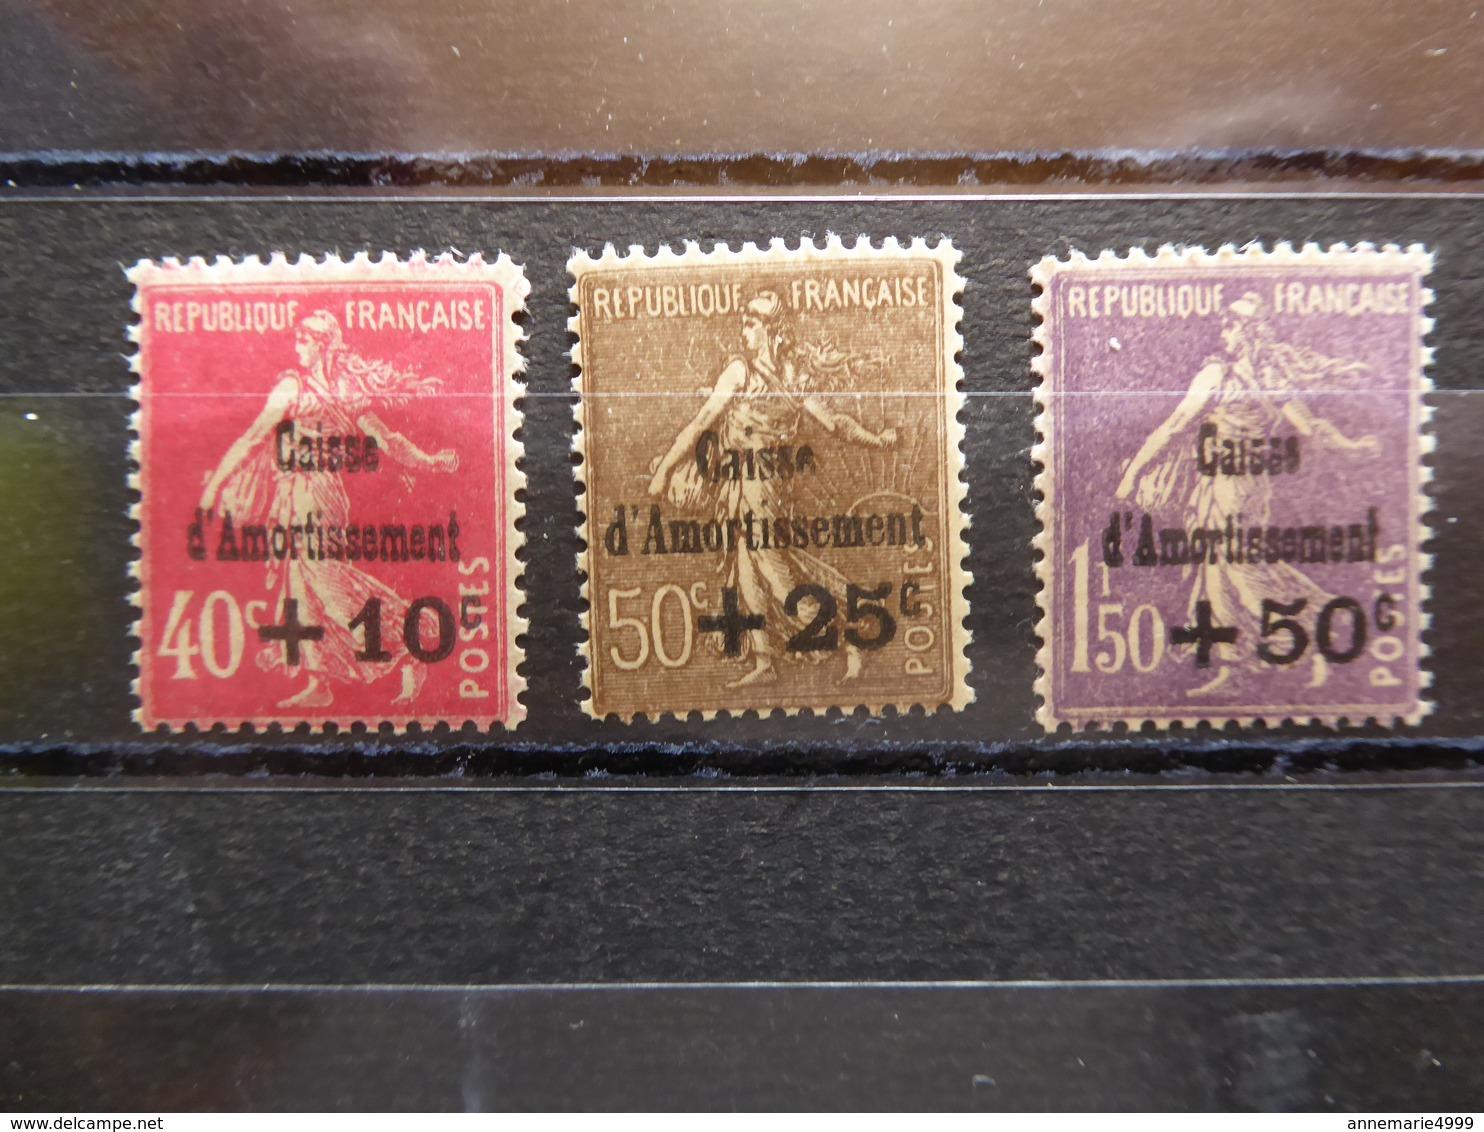 FRANCE Caisse D'amortissement  N° 266 à 268  Cote,420 € Neufs Sans Charnière MNH - Caisse D'Amortissement